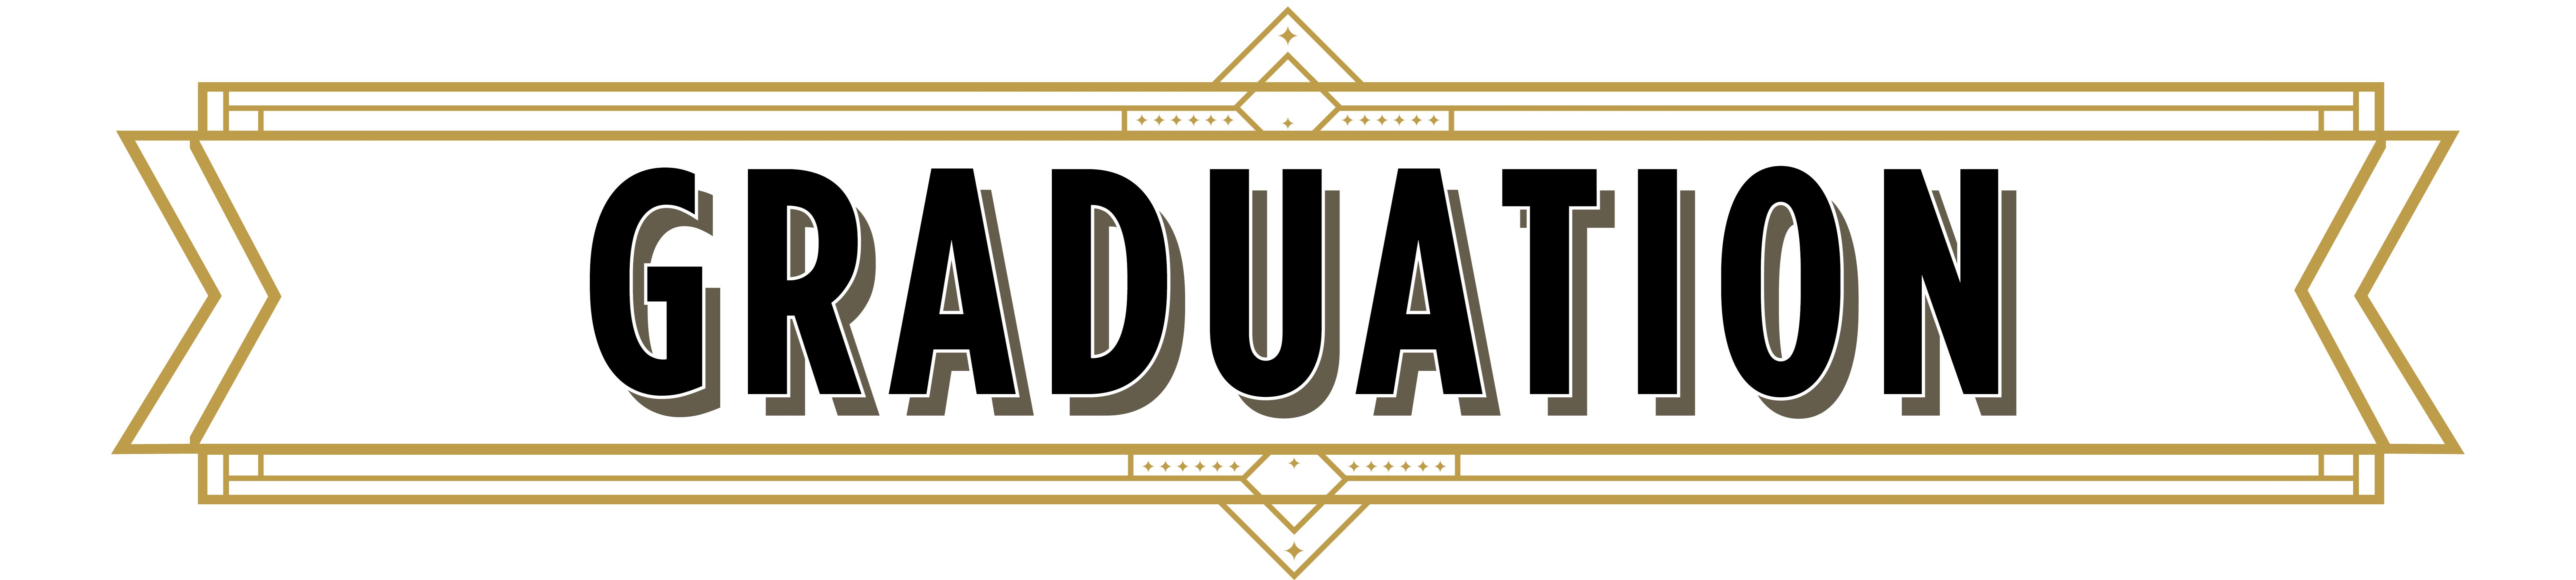 Fall 2020 Graduation_Website Banner